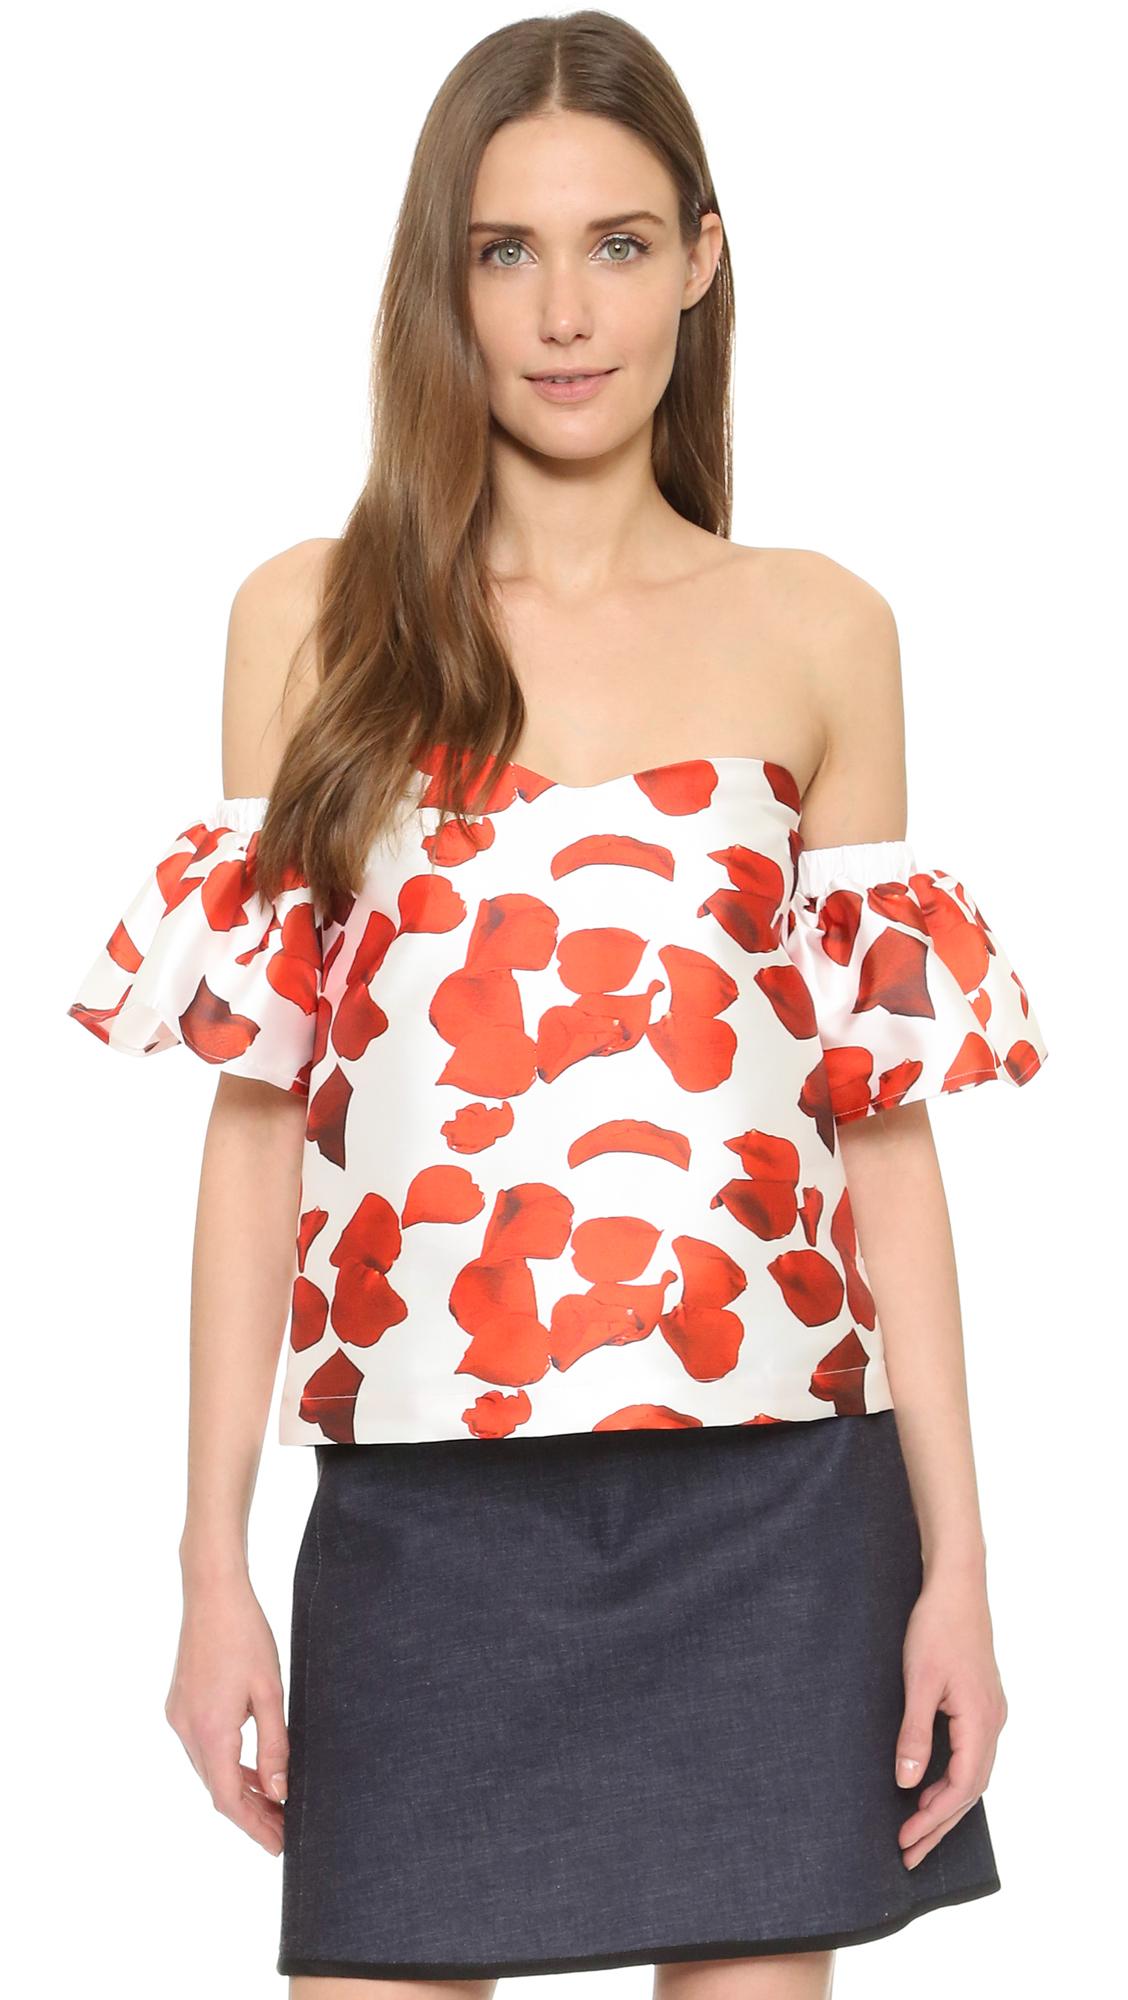 ef84d2be710abb https   www.shopbop.com red-petals-over-